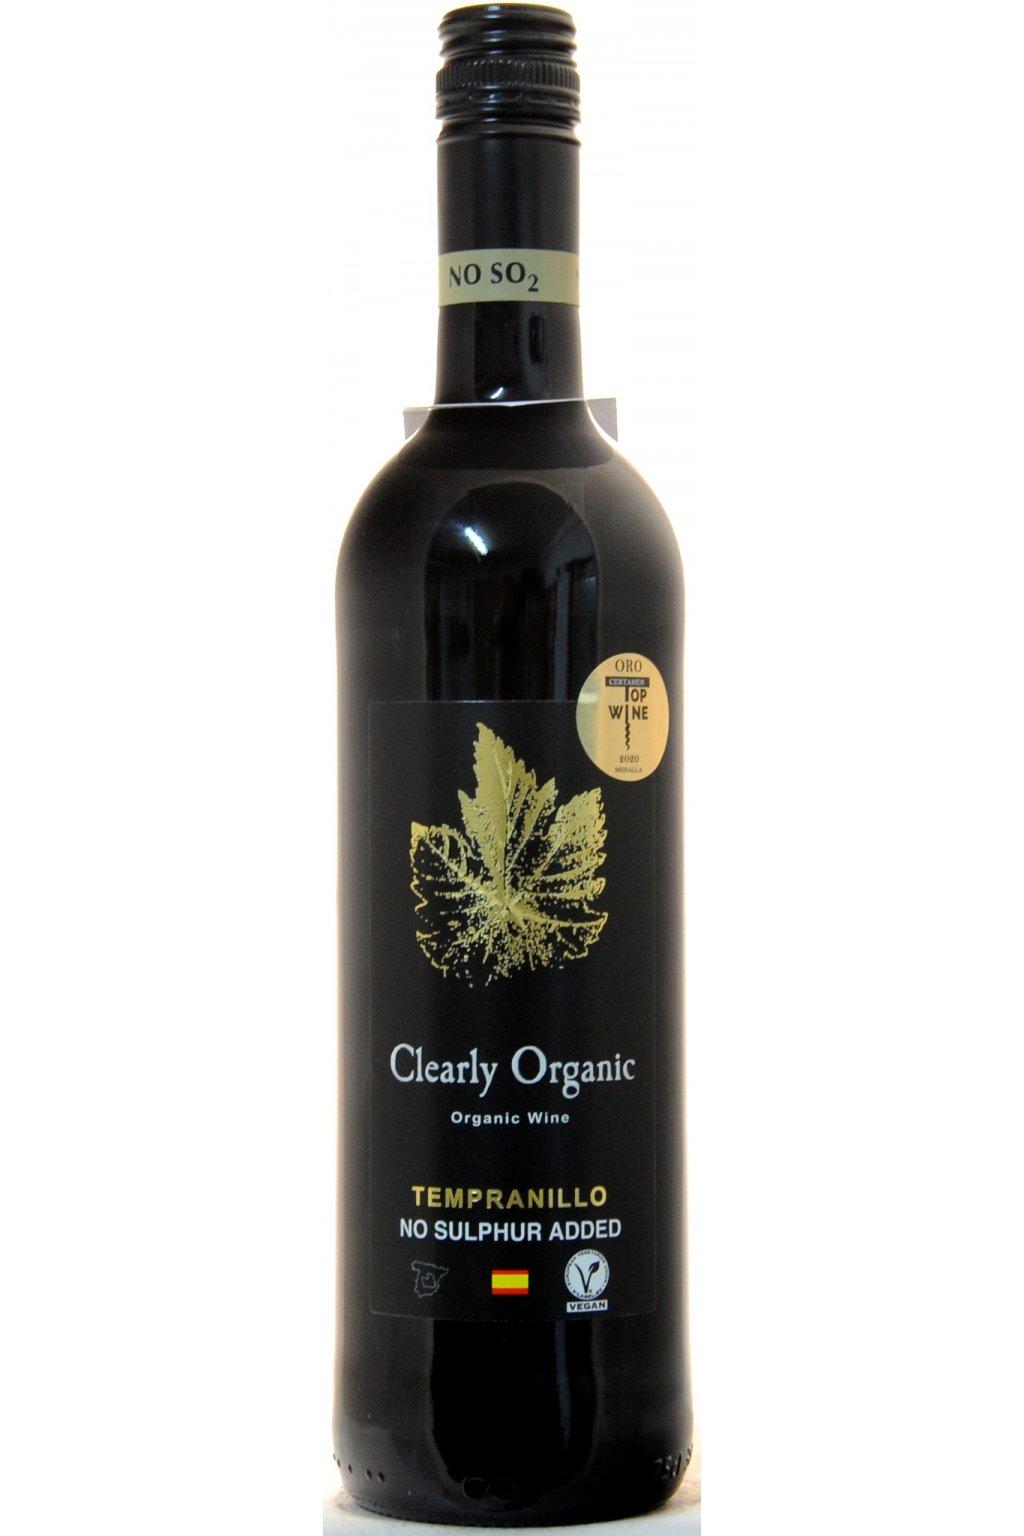 Clearly Organic Tempranillo No Sulphur 2019 F